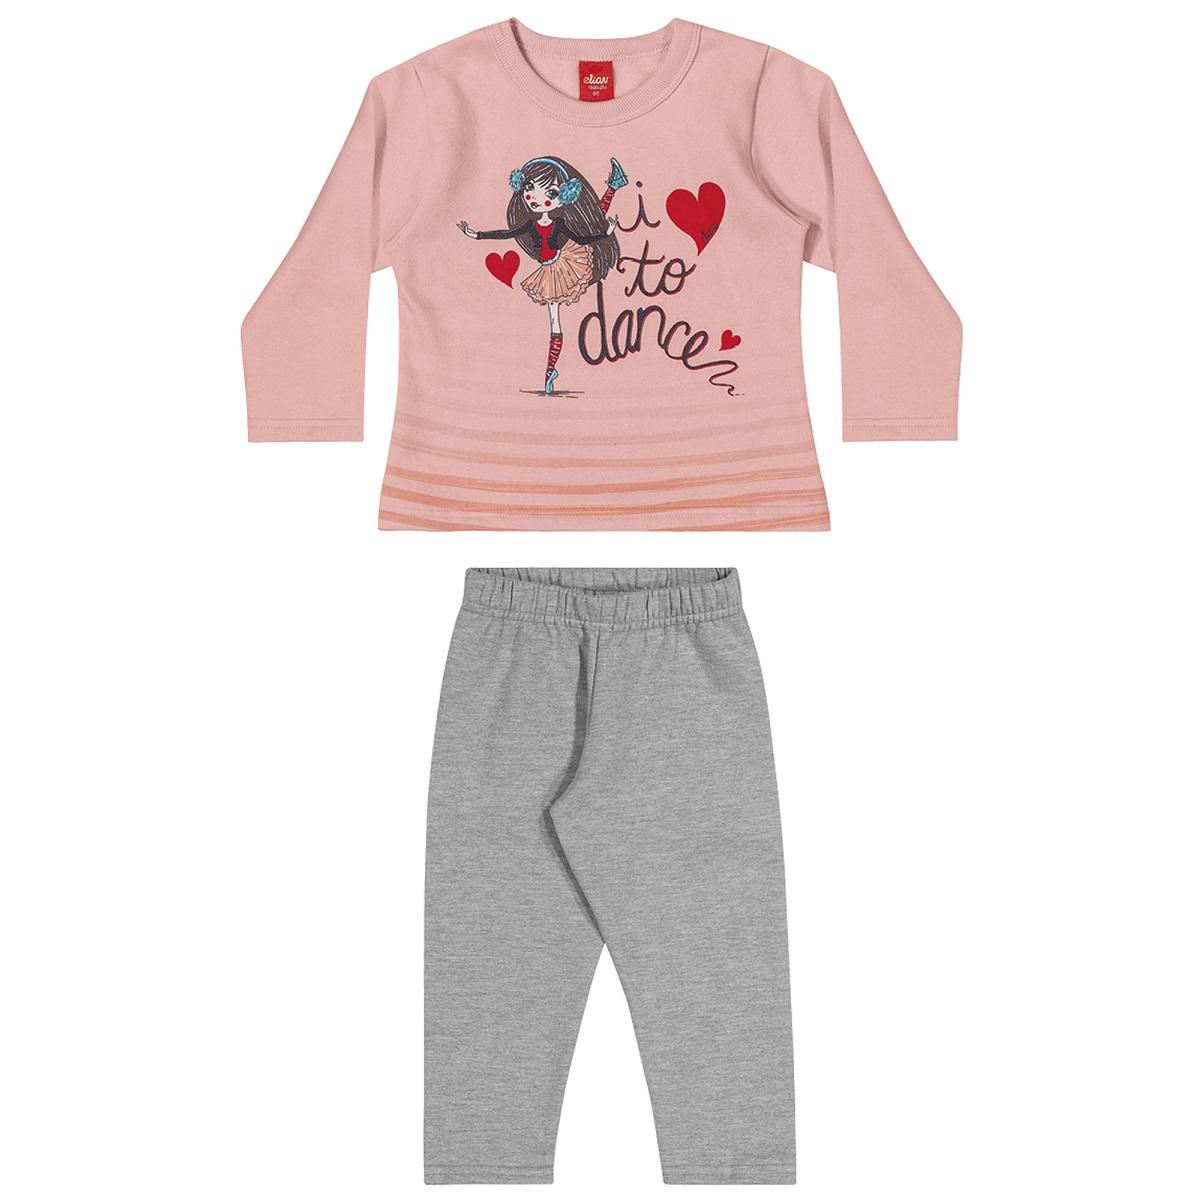 Conjunto Infantil Feminino Blusa e Calça - ELIAN 231473